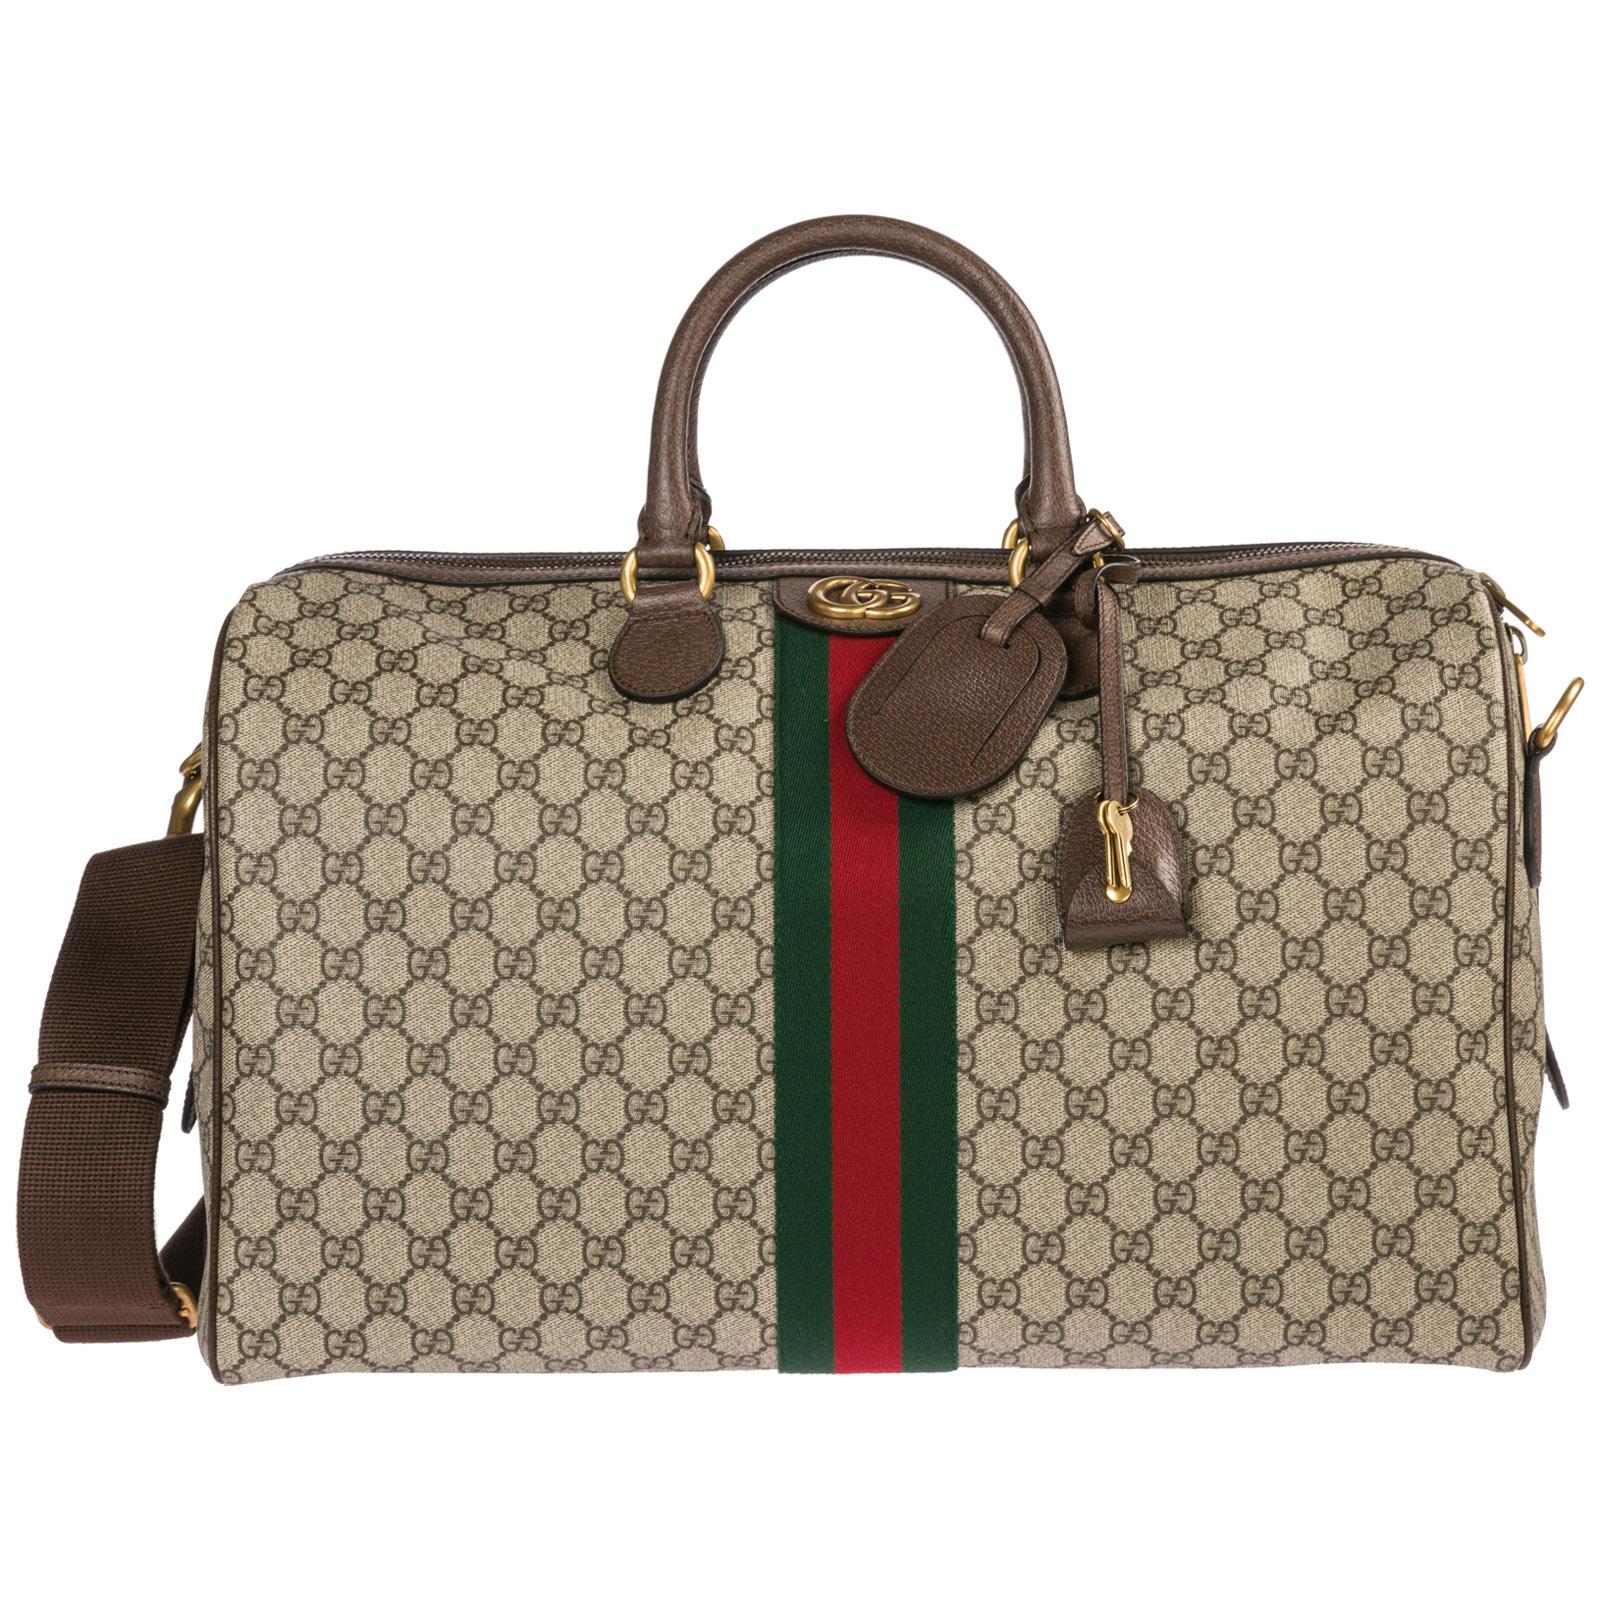 6e54d525aa Borsone da viaggio Gucci Ophidia 547953 9C2ST 8746 beige | FRMODA.com